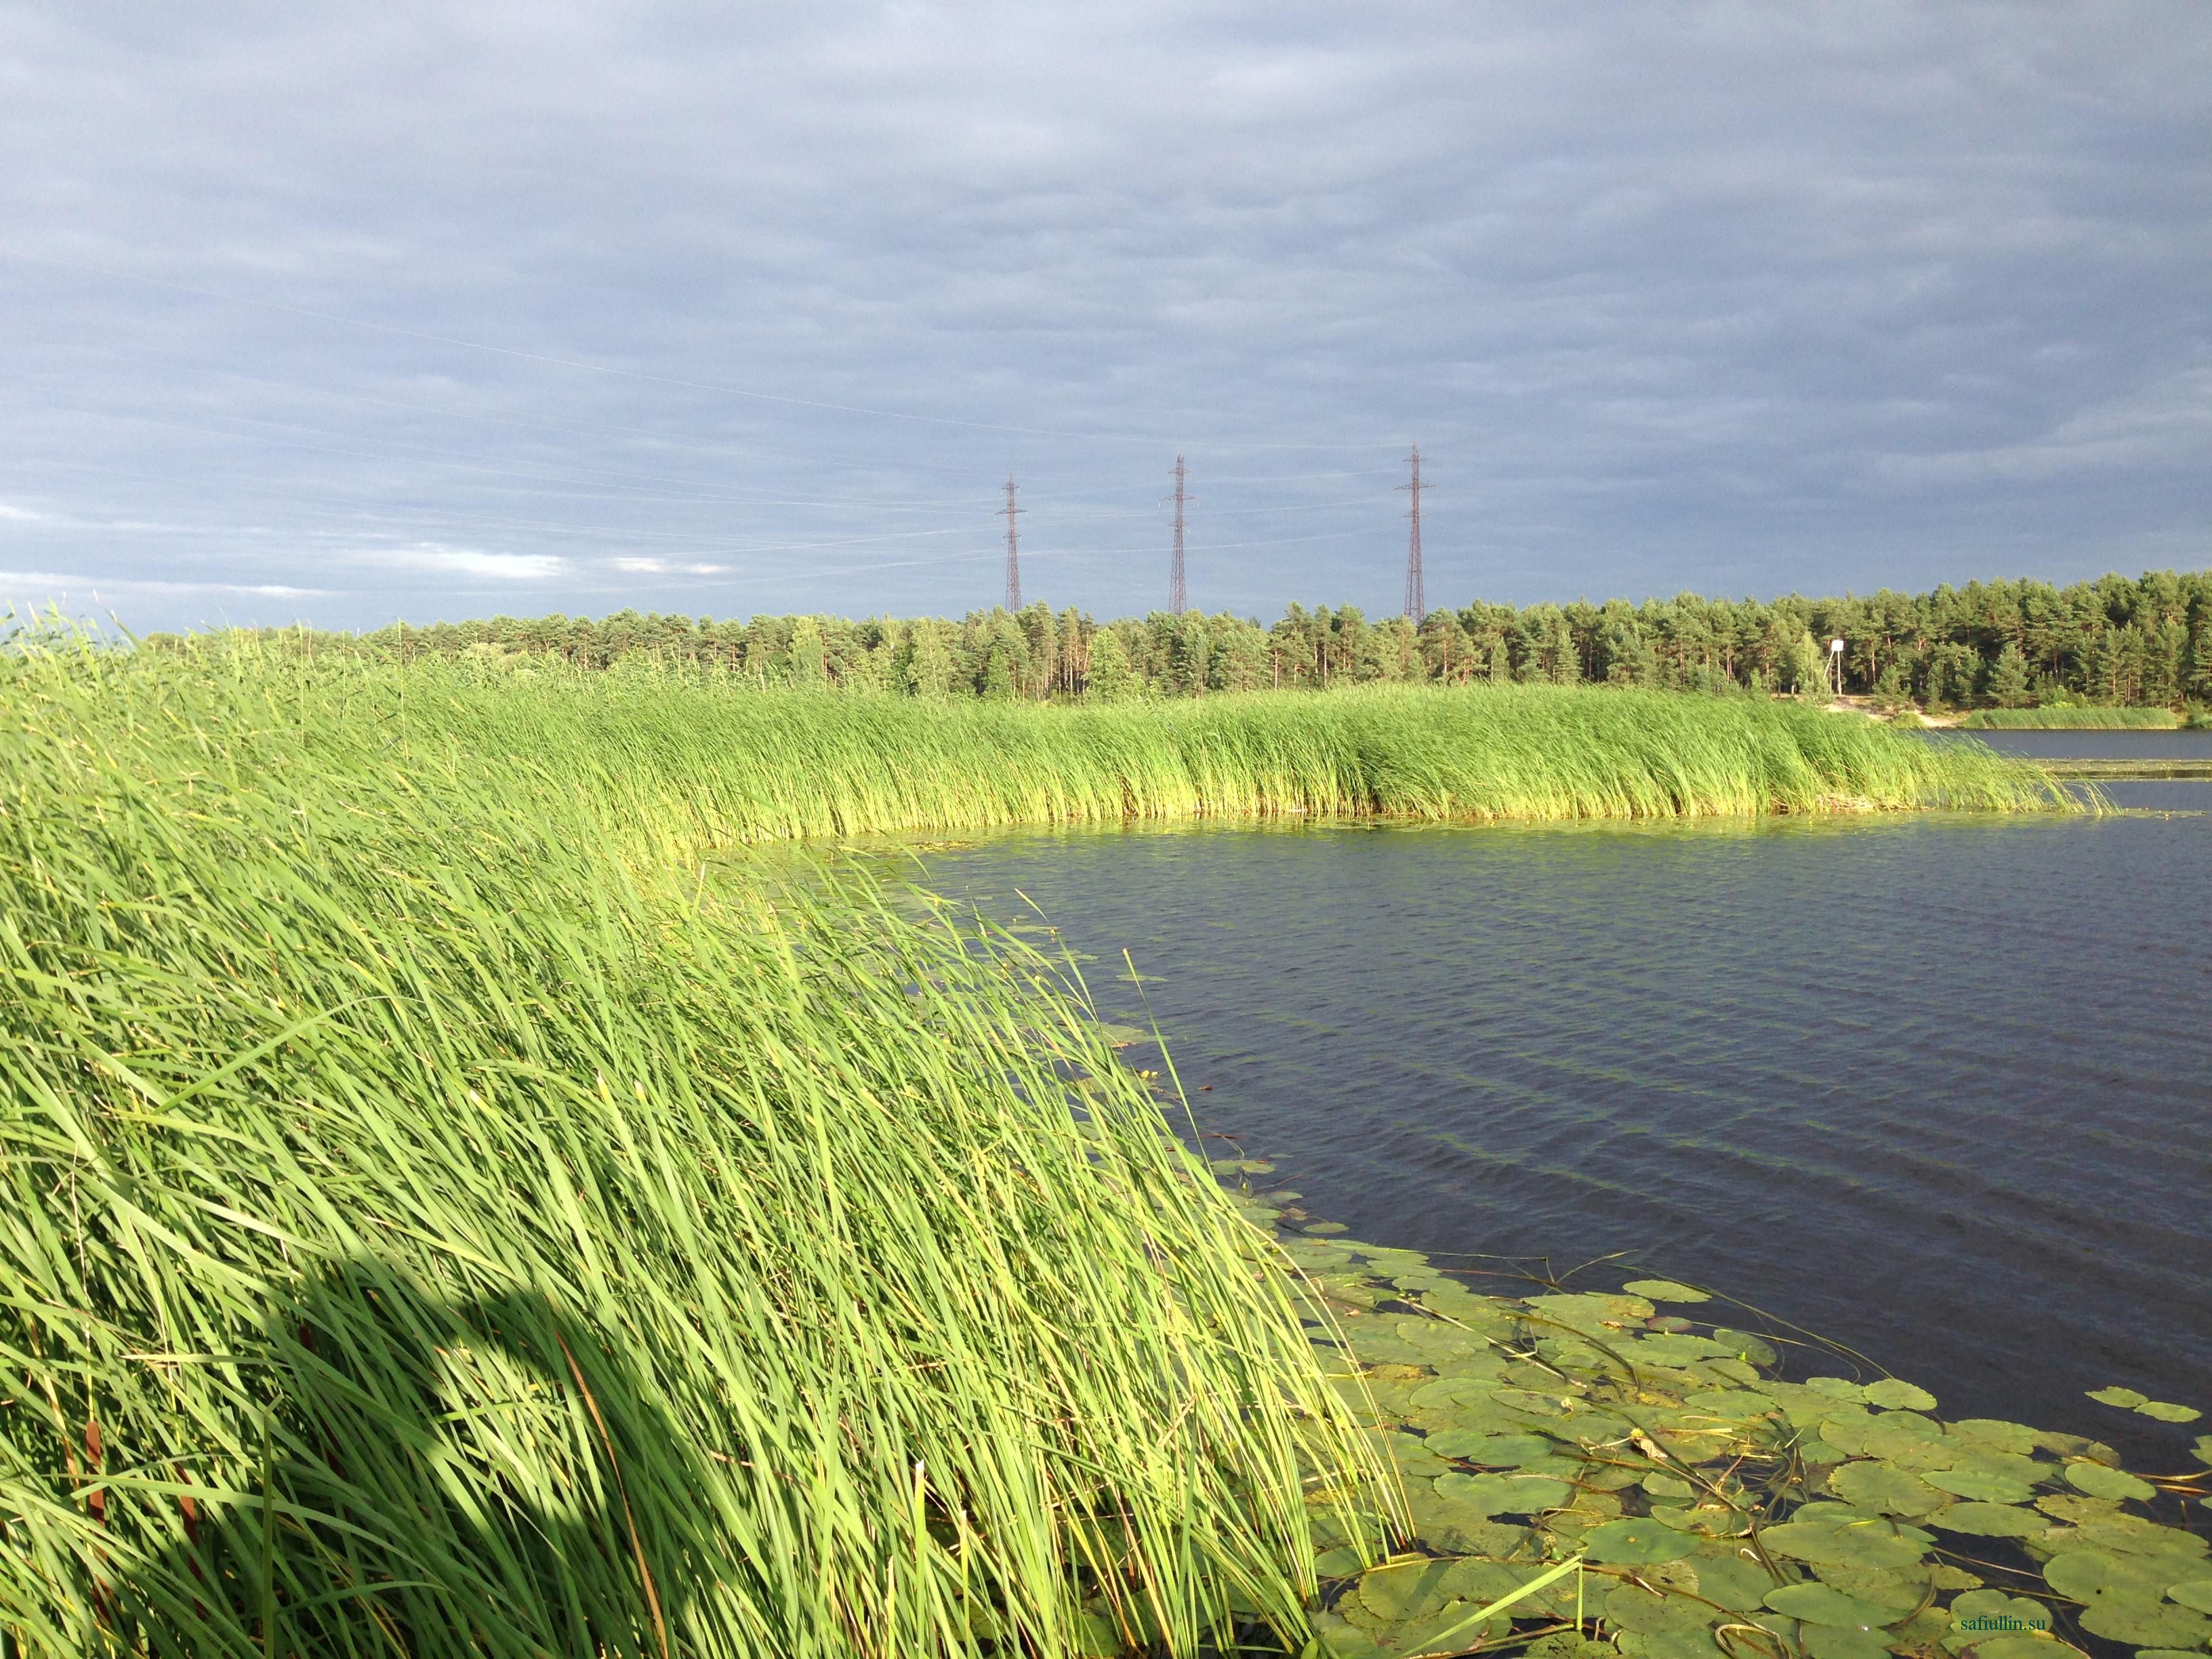 ыбалка в июле Юрмала река Лиелупе пейзажи природы Альберт Сафиуллин